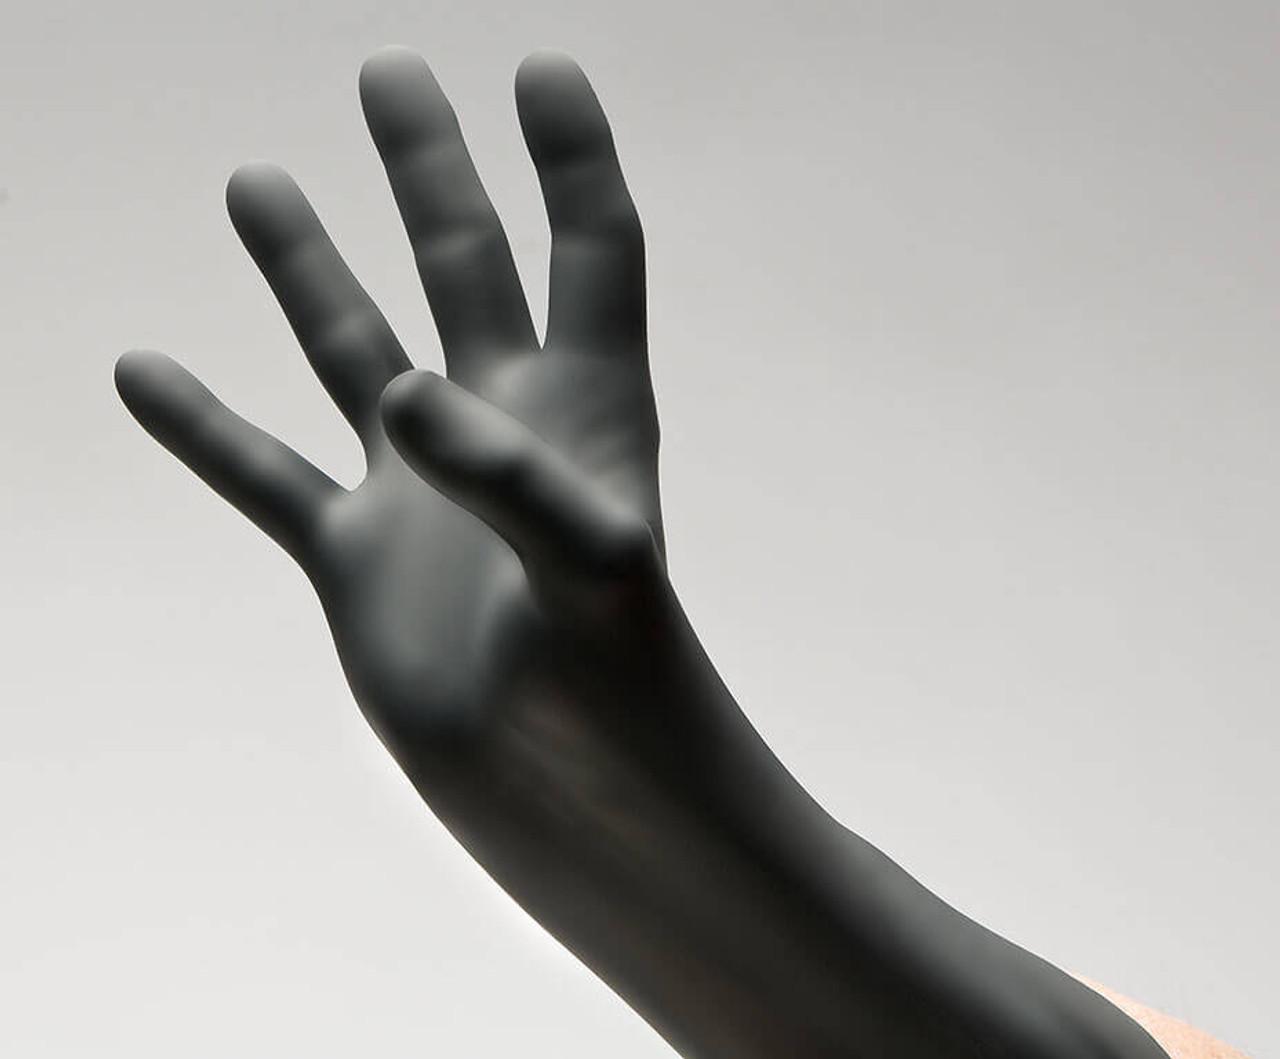 BLACKWORK® Black Chloroprene Exam Gloves – Series 10, 100/Bx, 10Bx/Cs